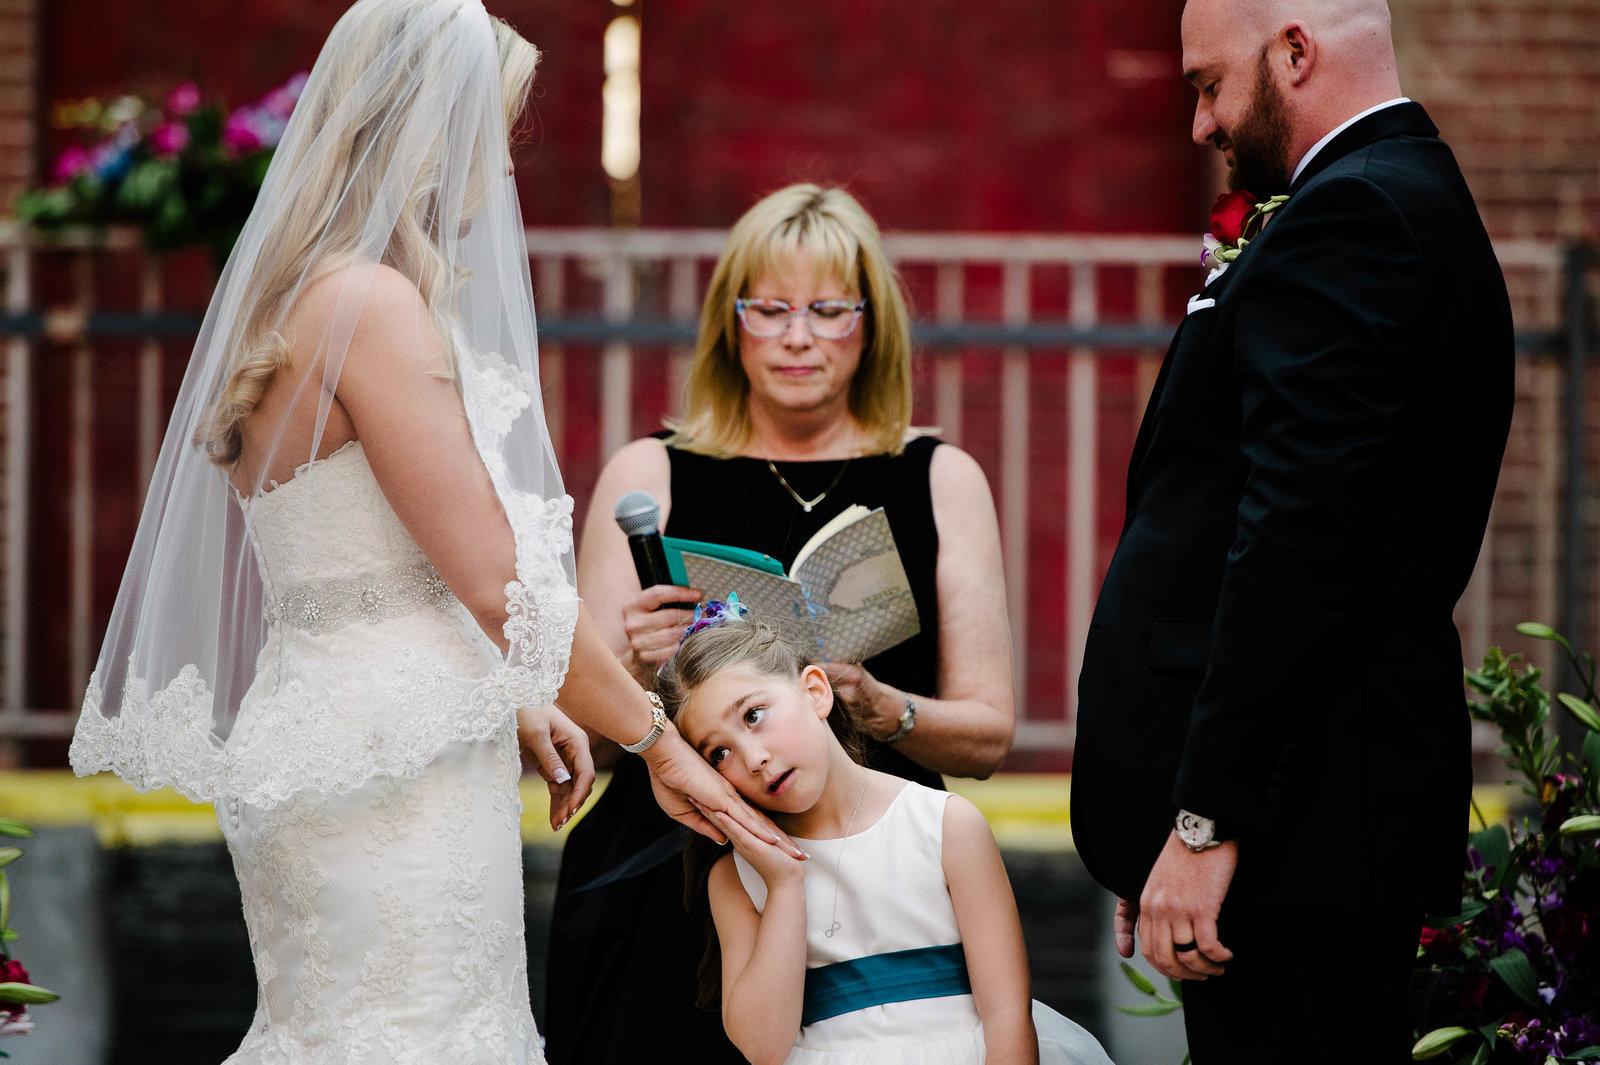 206-El-paso-wedding-photographer-NiBe_0409